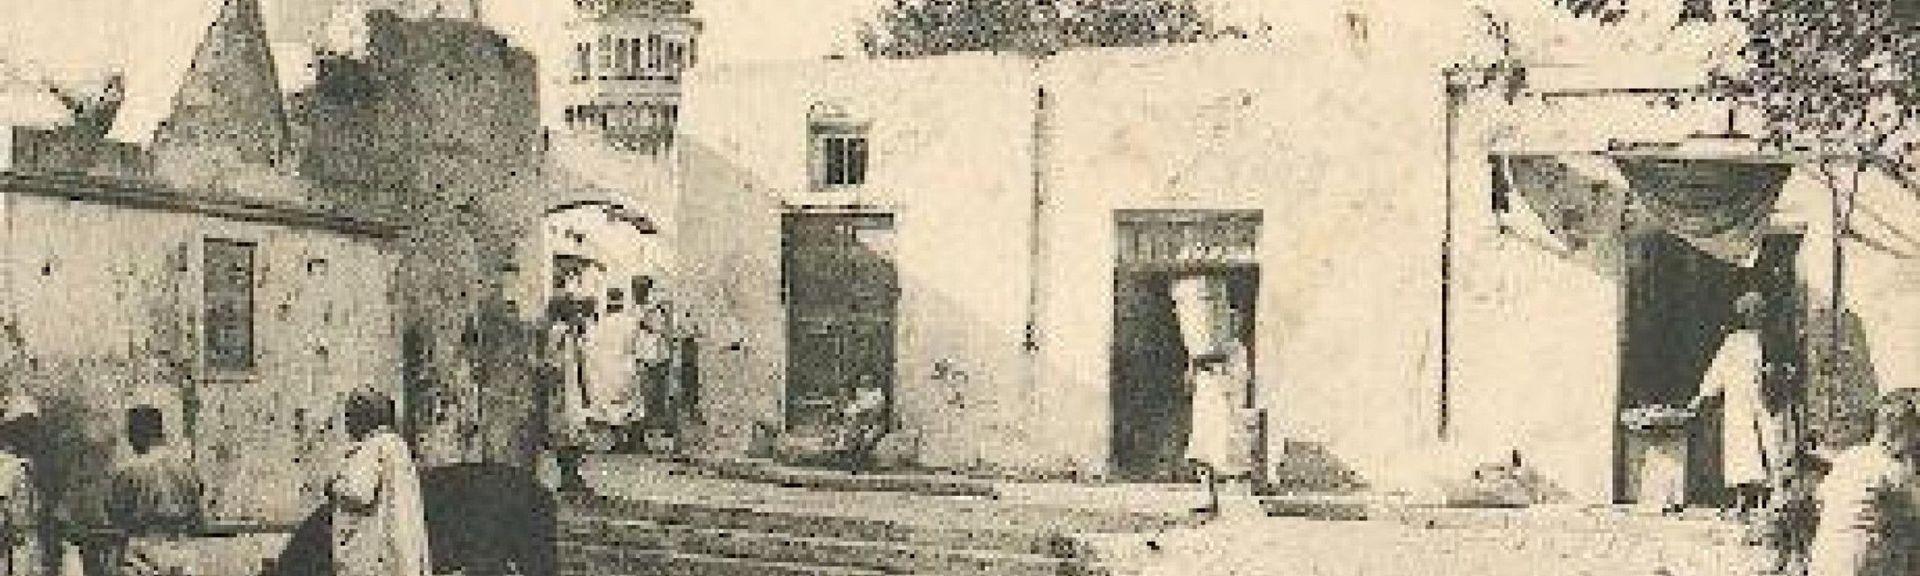 Bizerte, Gouvernorat de Bizerte, Tunisie